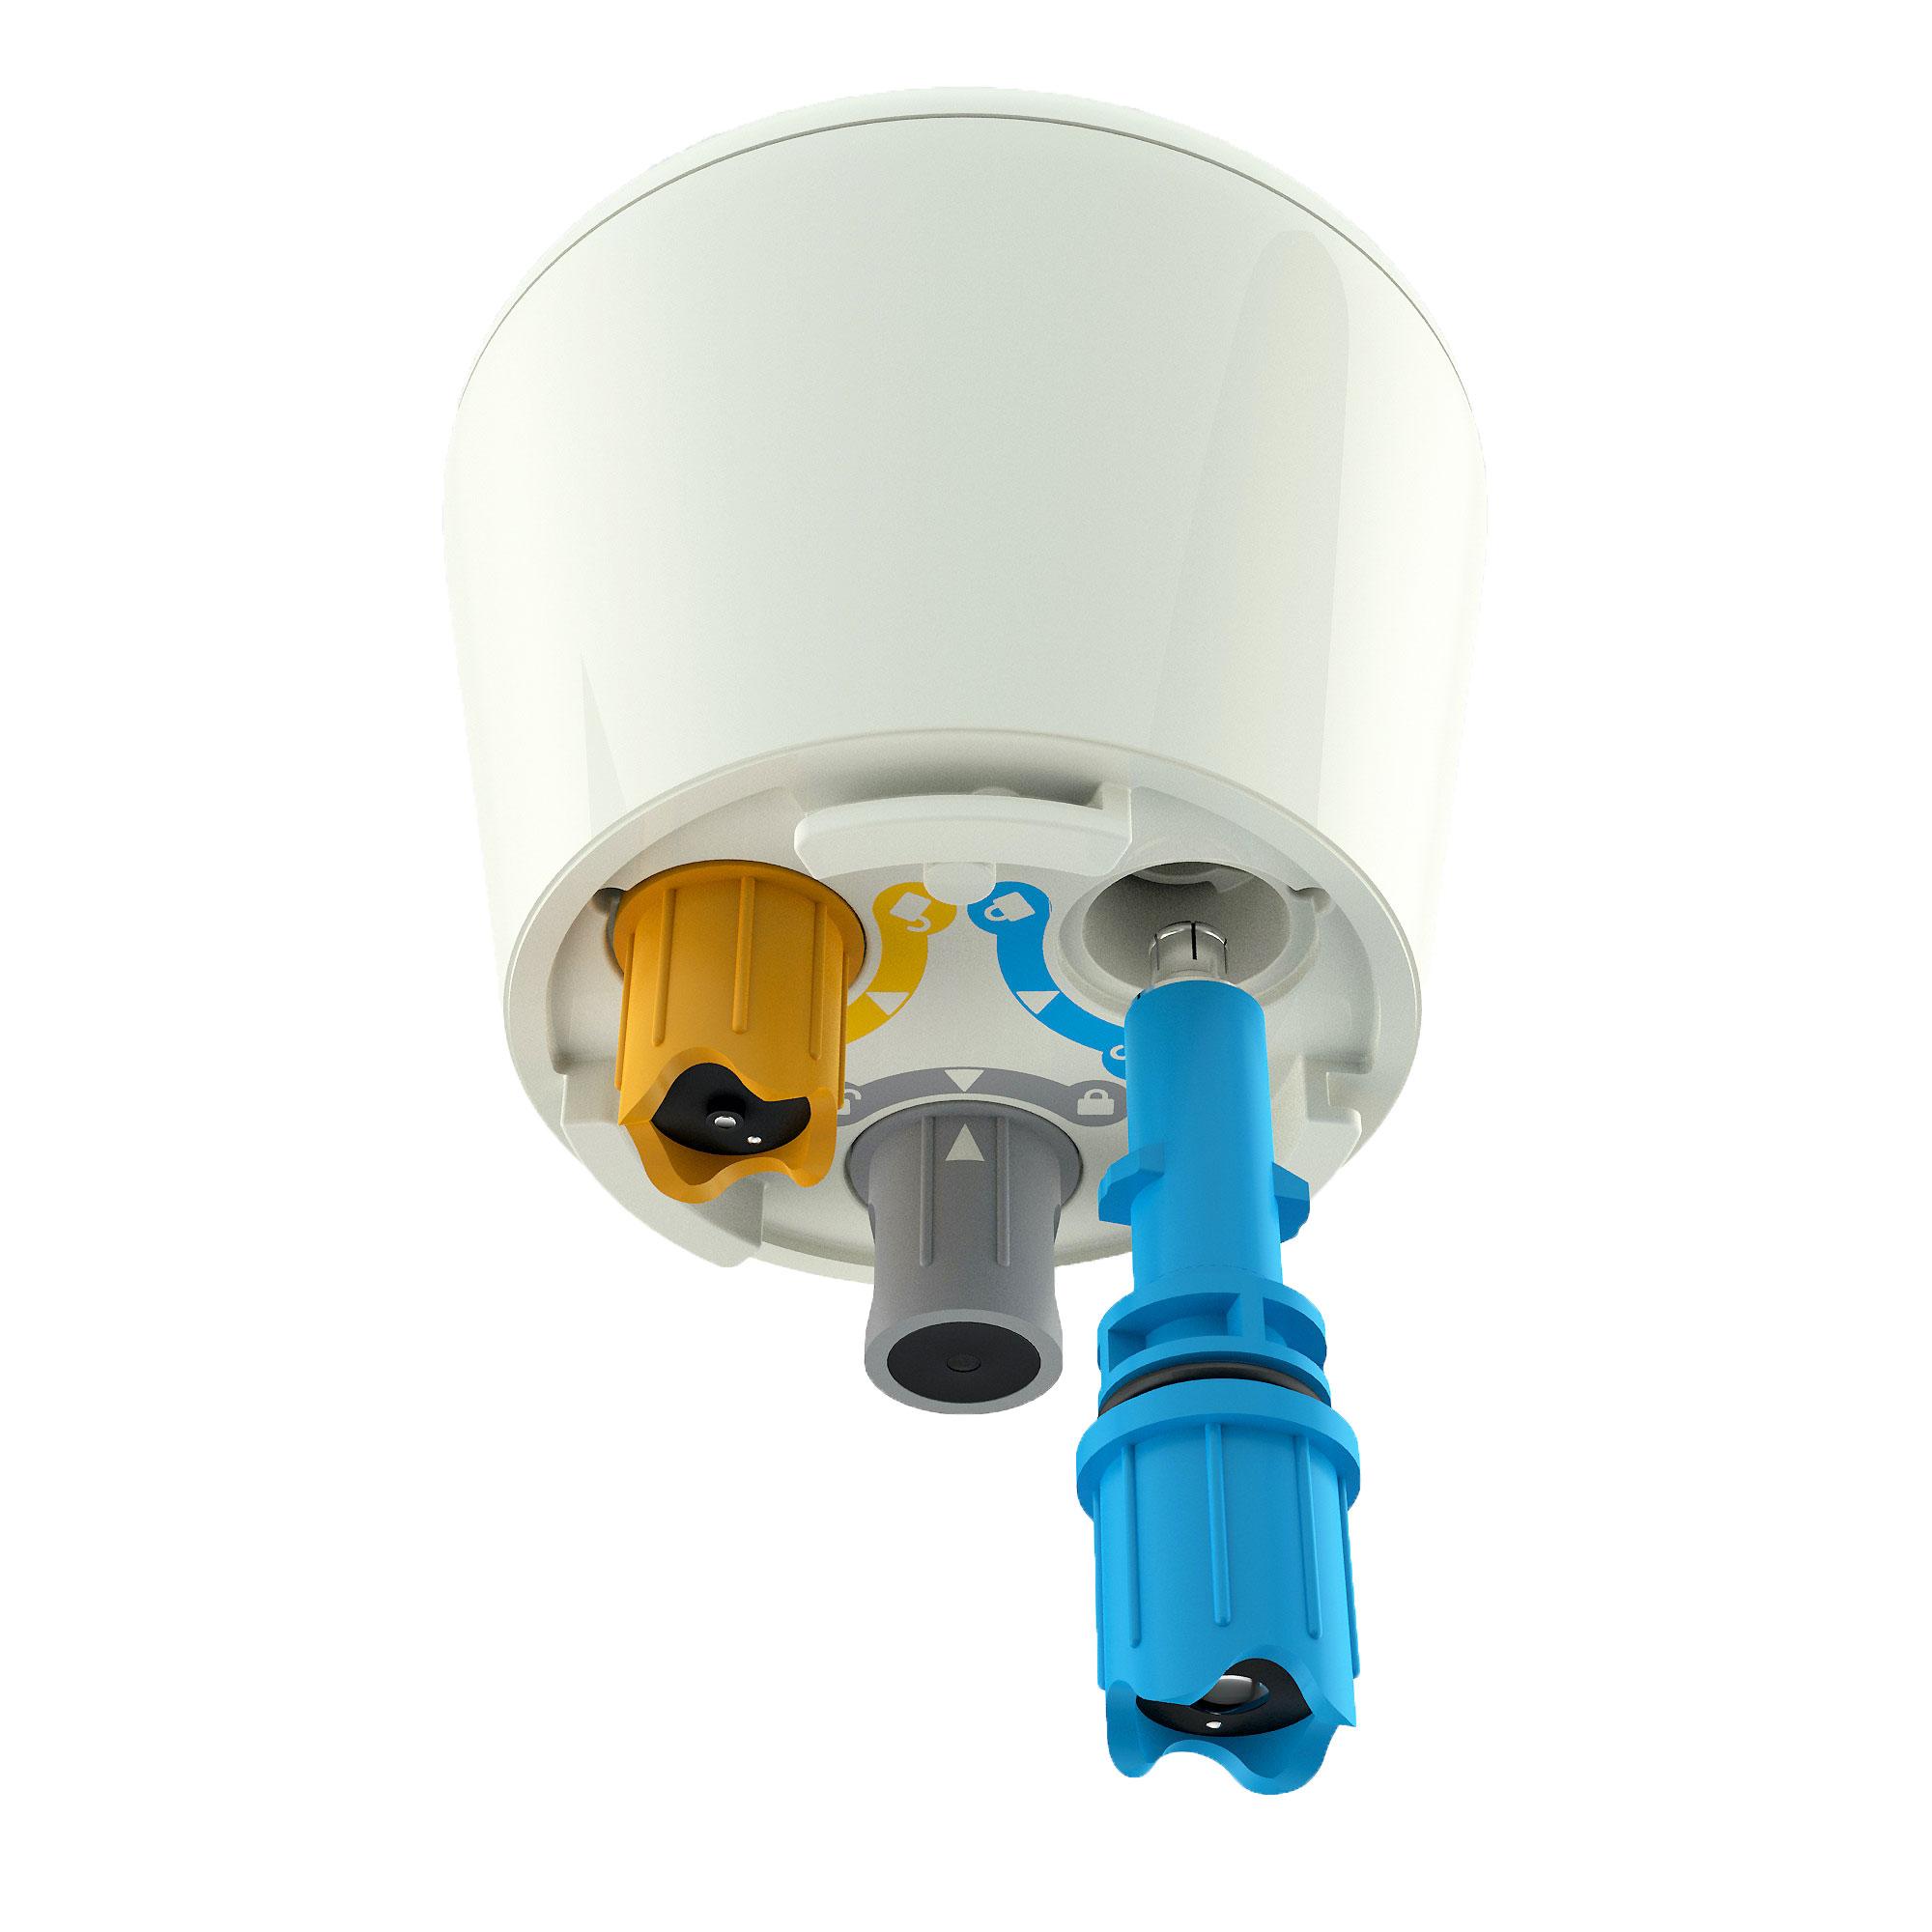 Appareil de mesure de l'eau connecté - ICO SPA